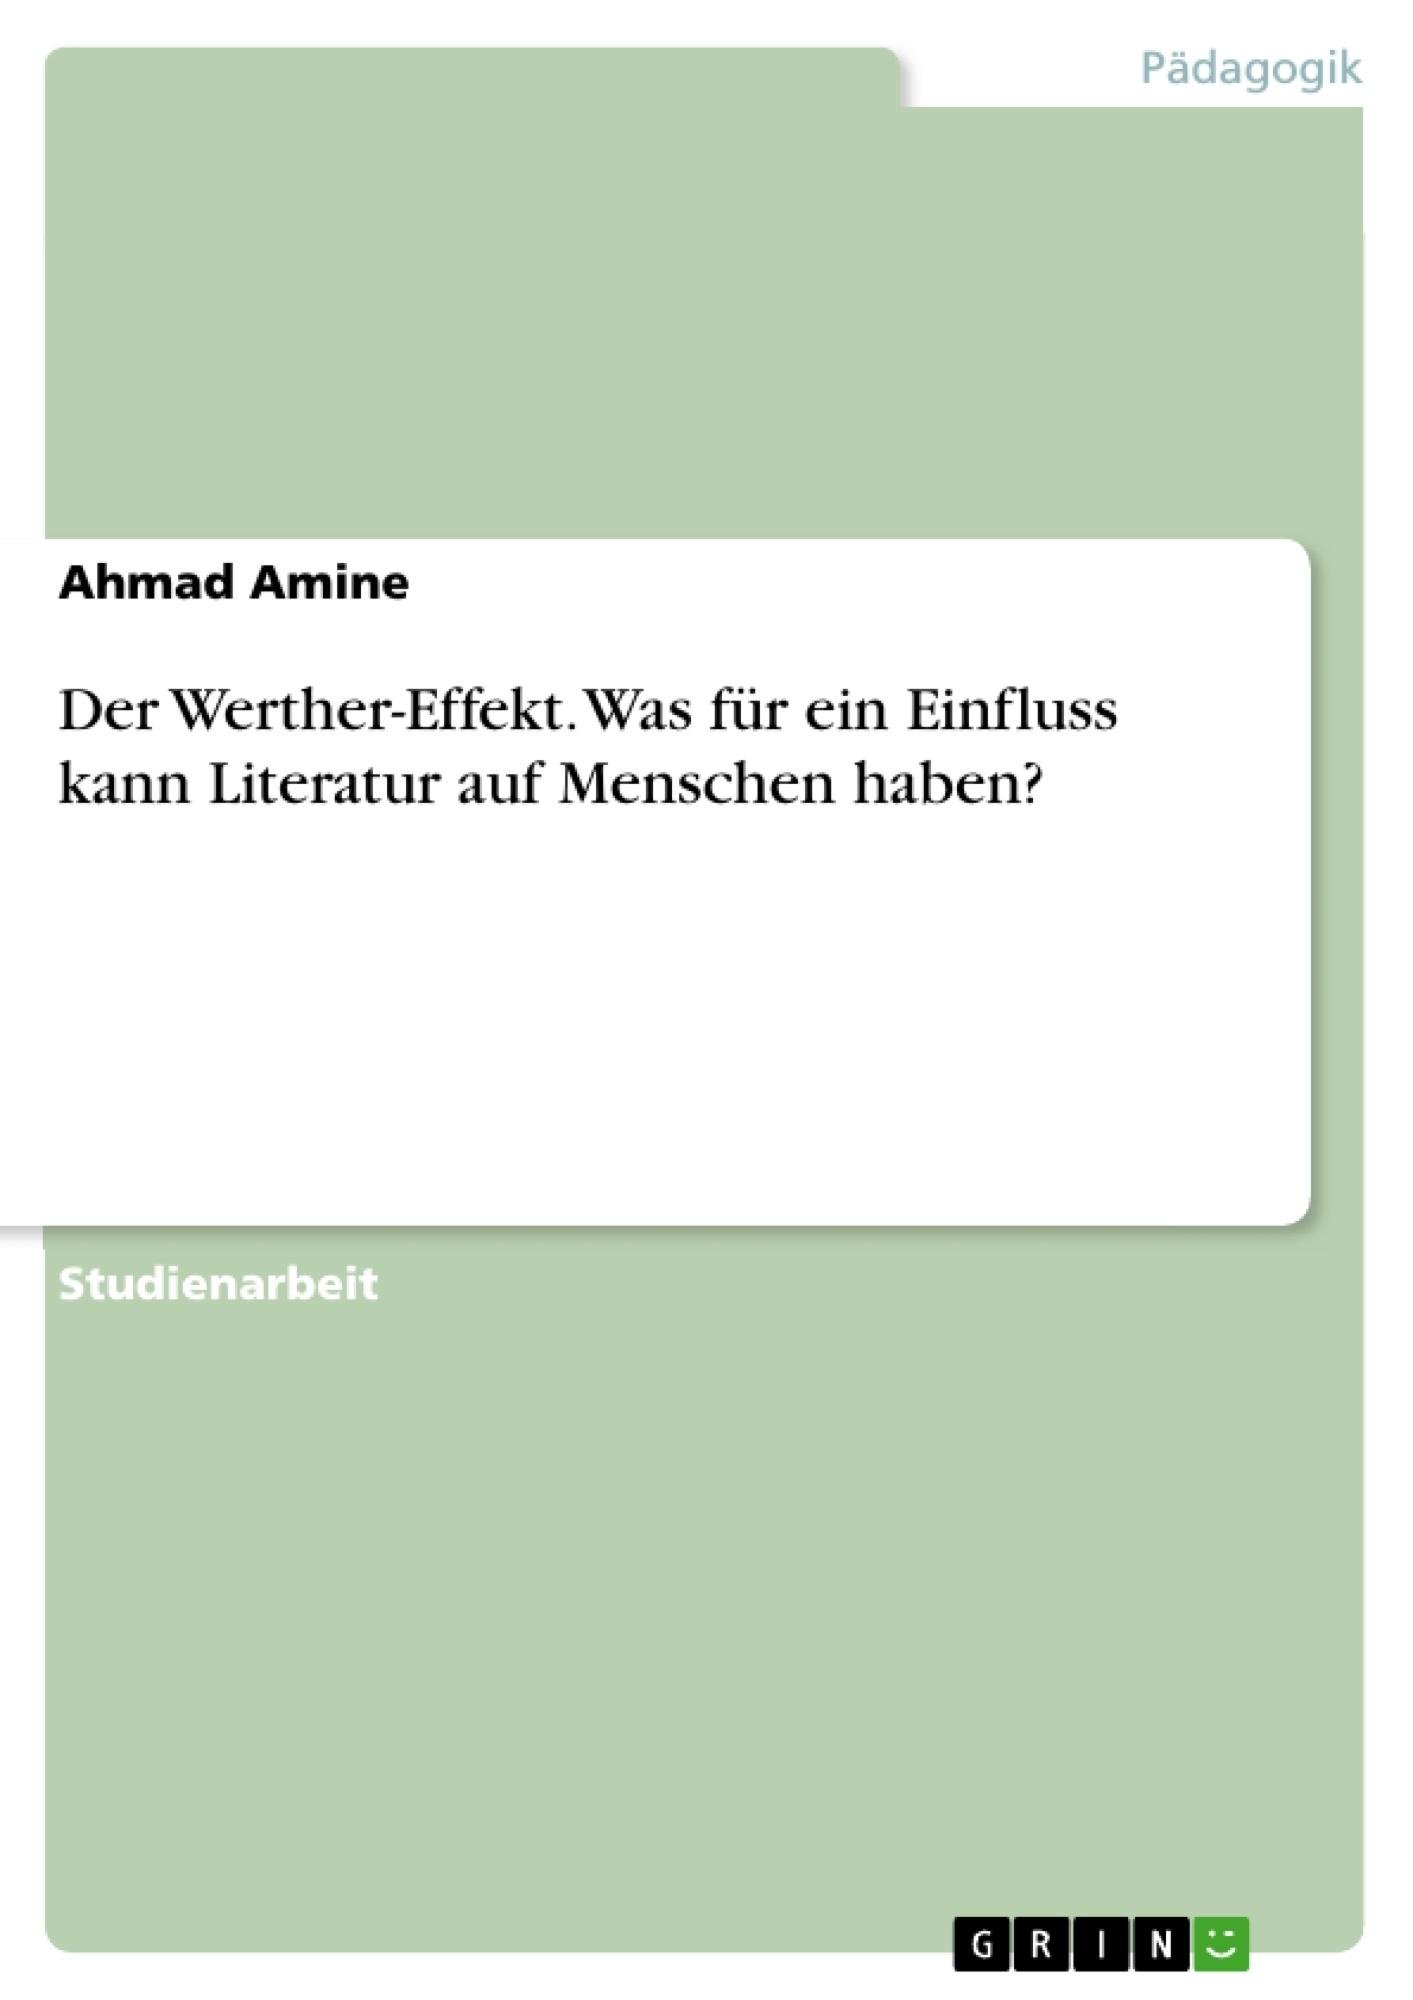 Titel: Der Werther-Effekt. Was für ein Einfluss kann Literatur auf Menschen haben?